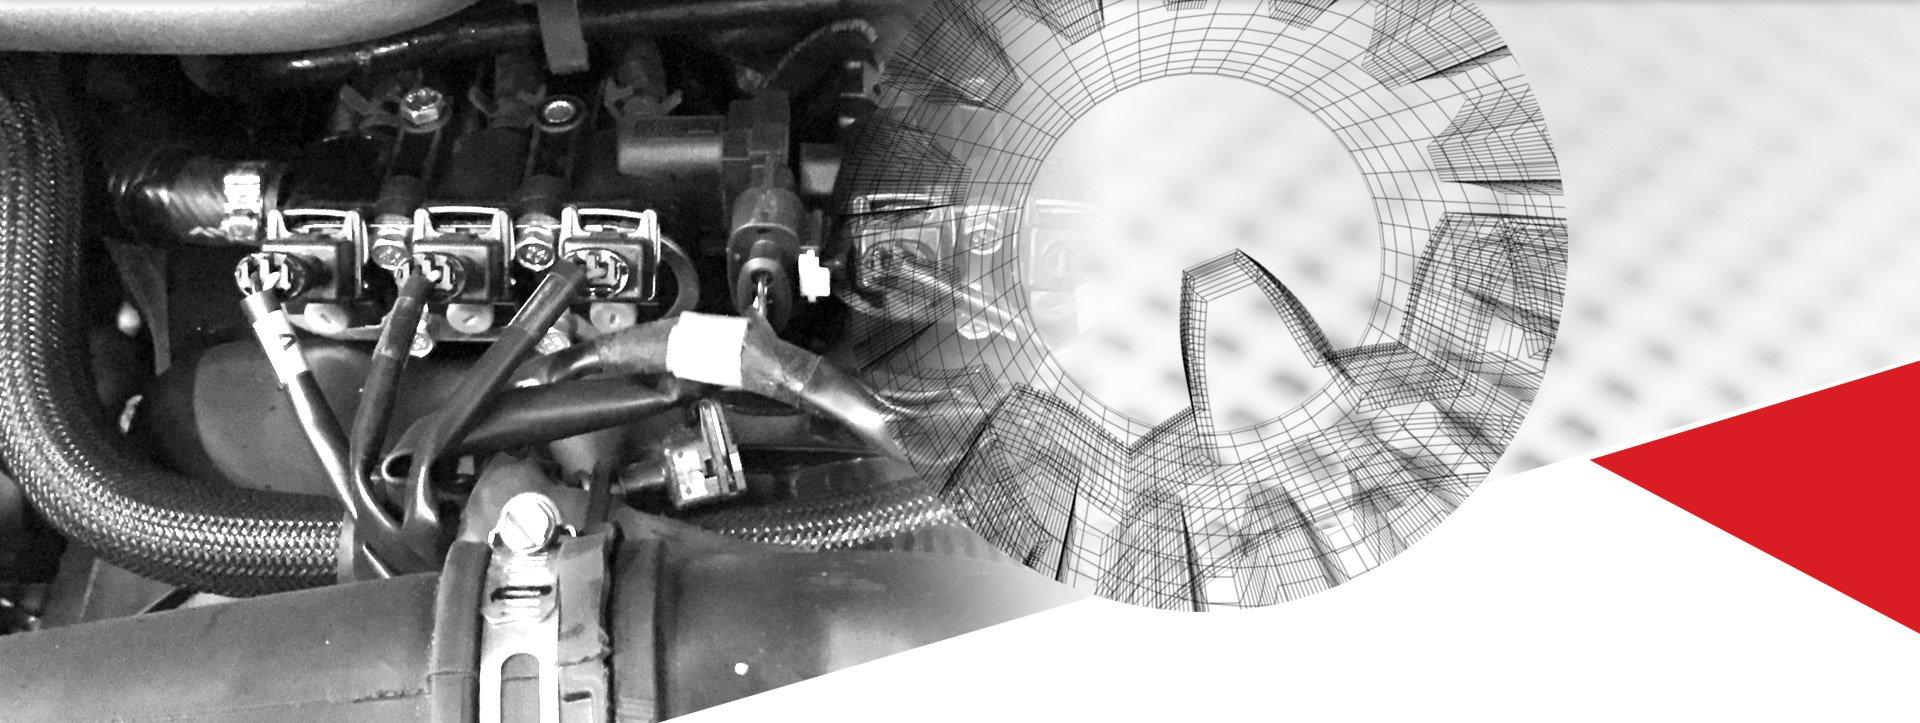 Moteur | Camion-citerne | Mesures Calib-Tech | Montréal